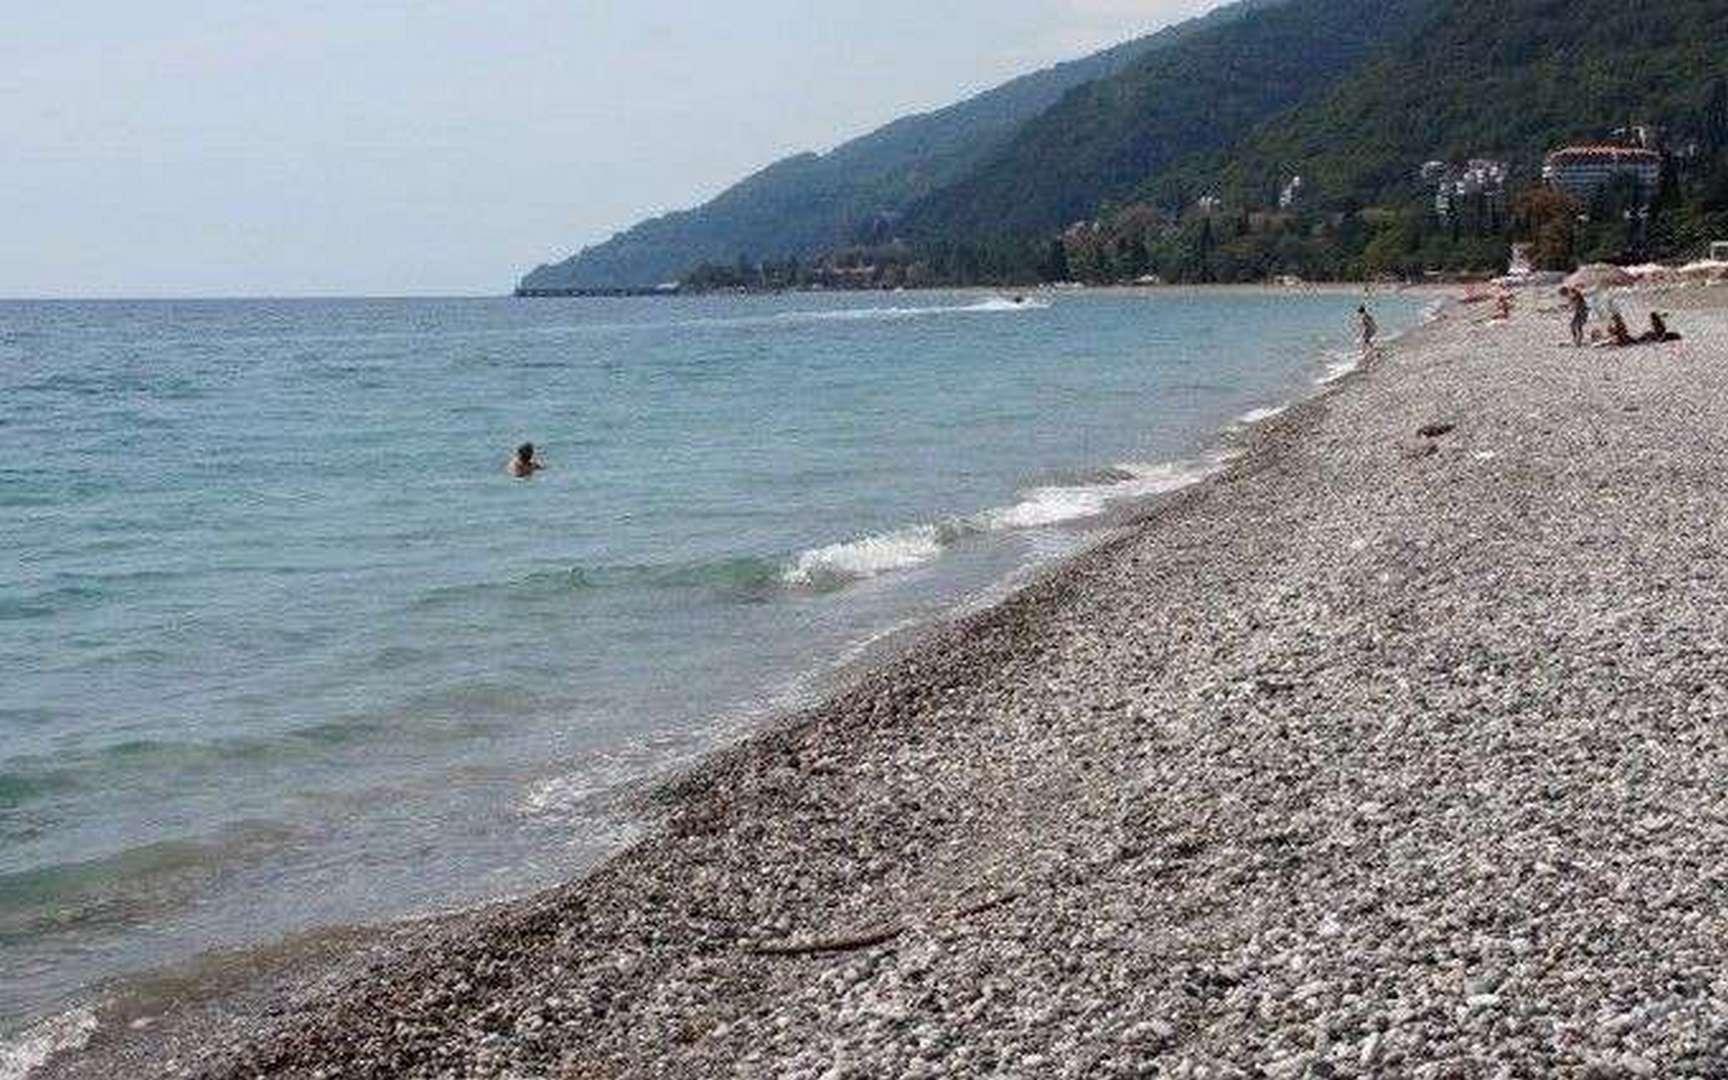 Пляж Гумиста на лето 2021 года, город Сухум, Абхазия - фотографии, отзывы туристов